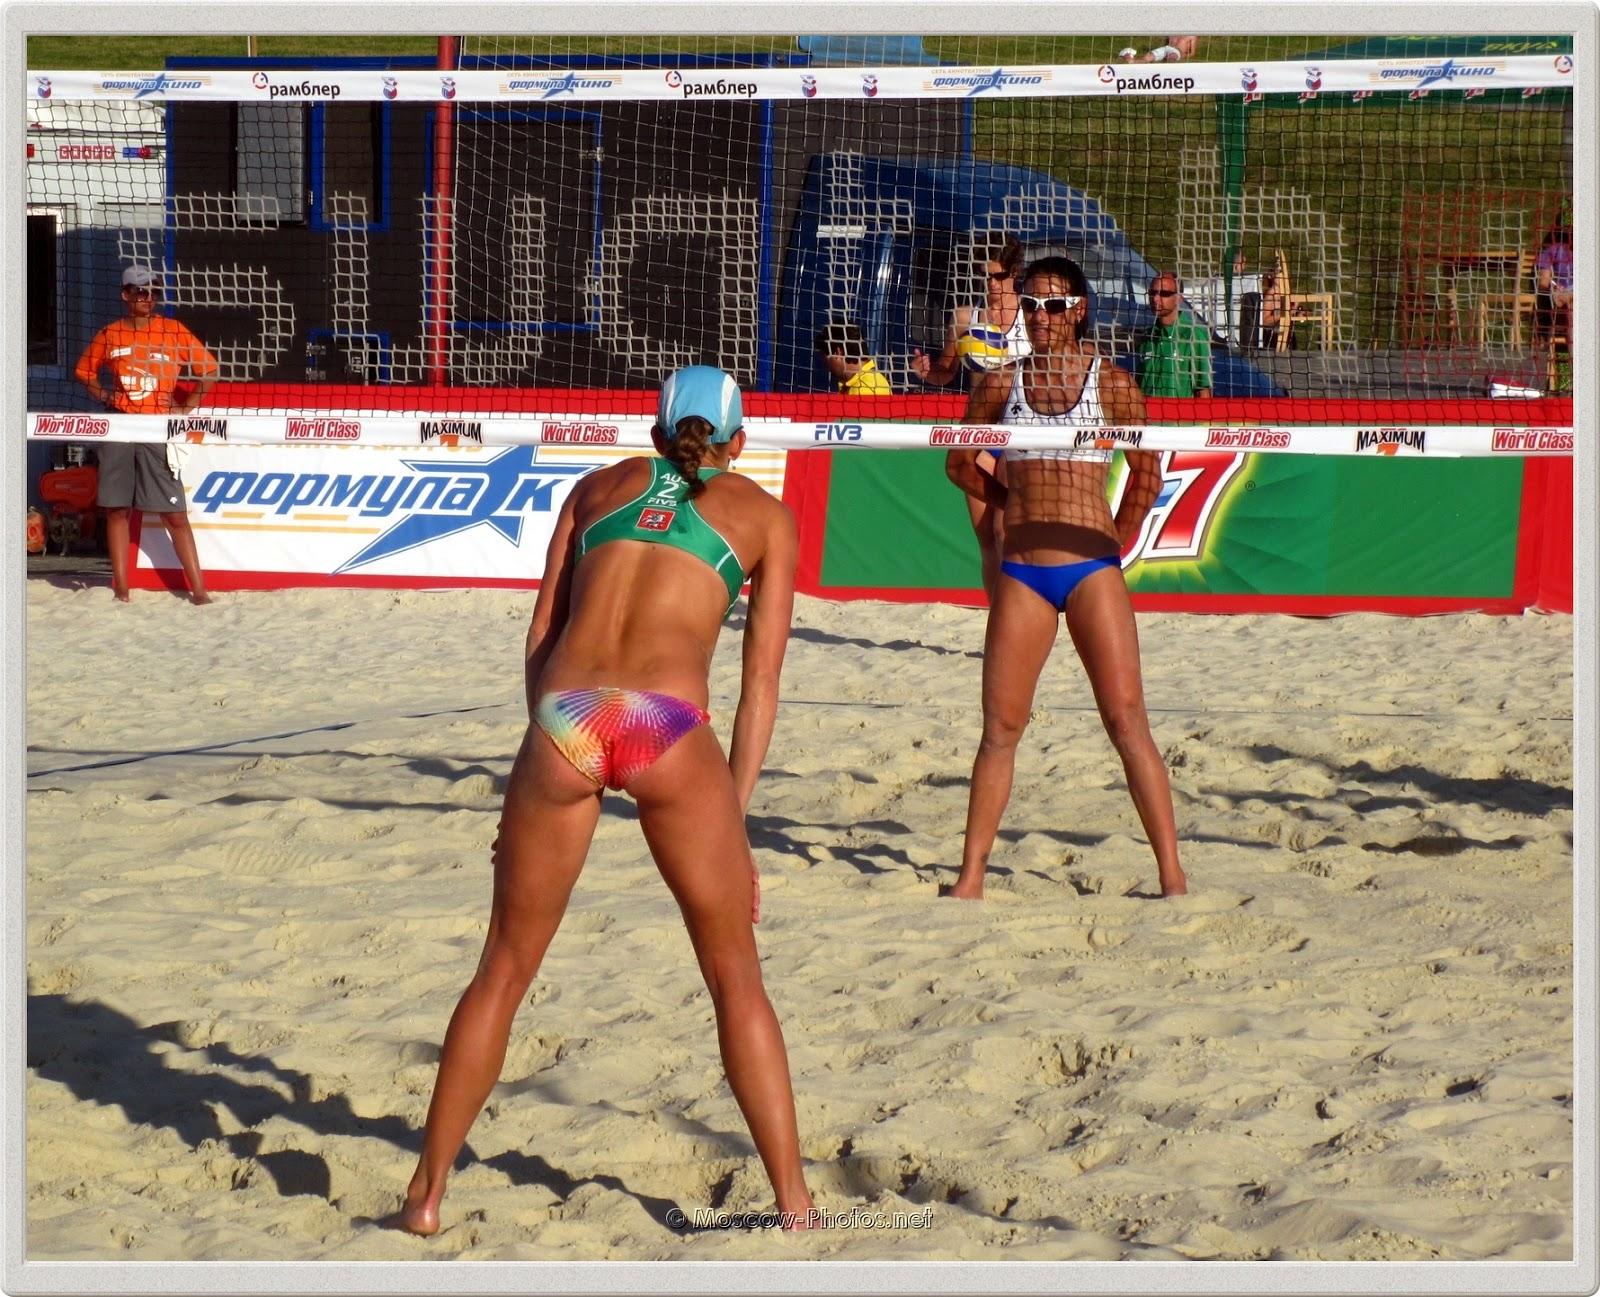 Australian Beach Volleyball Player Louise Bawden